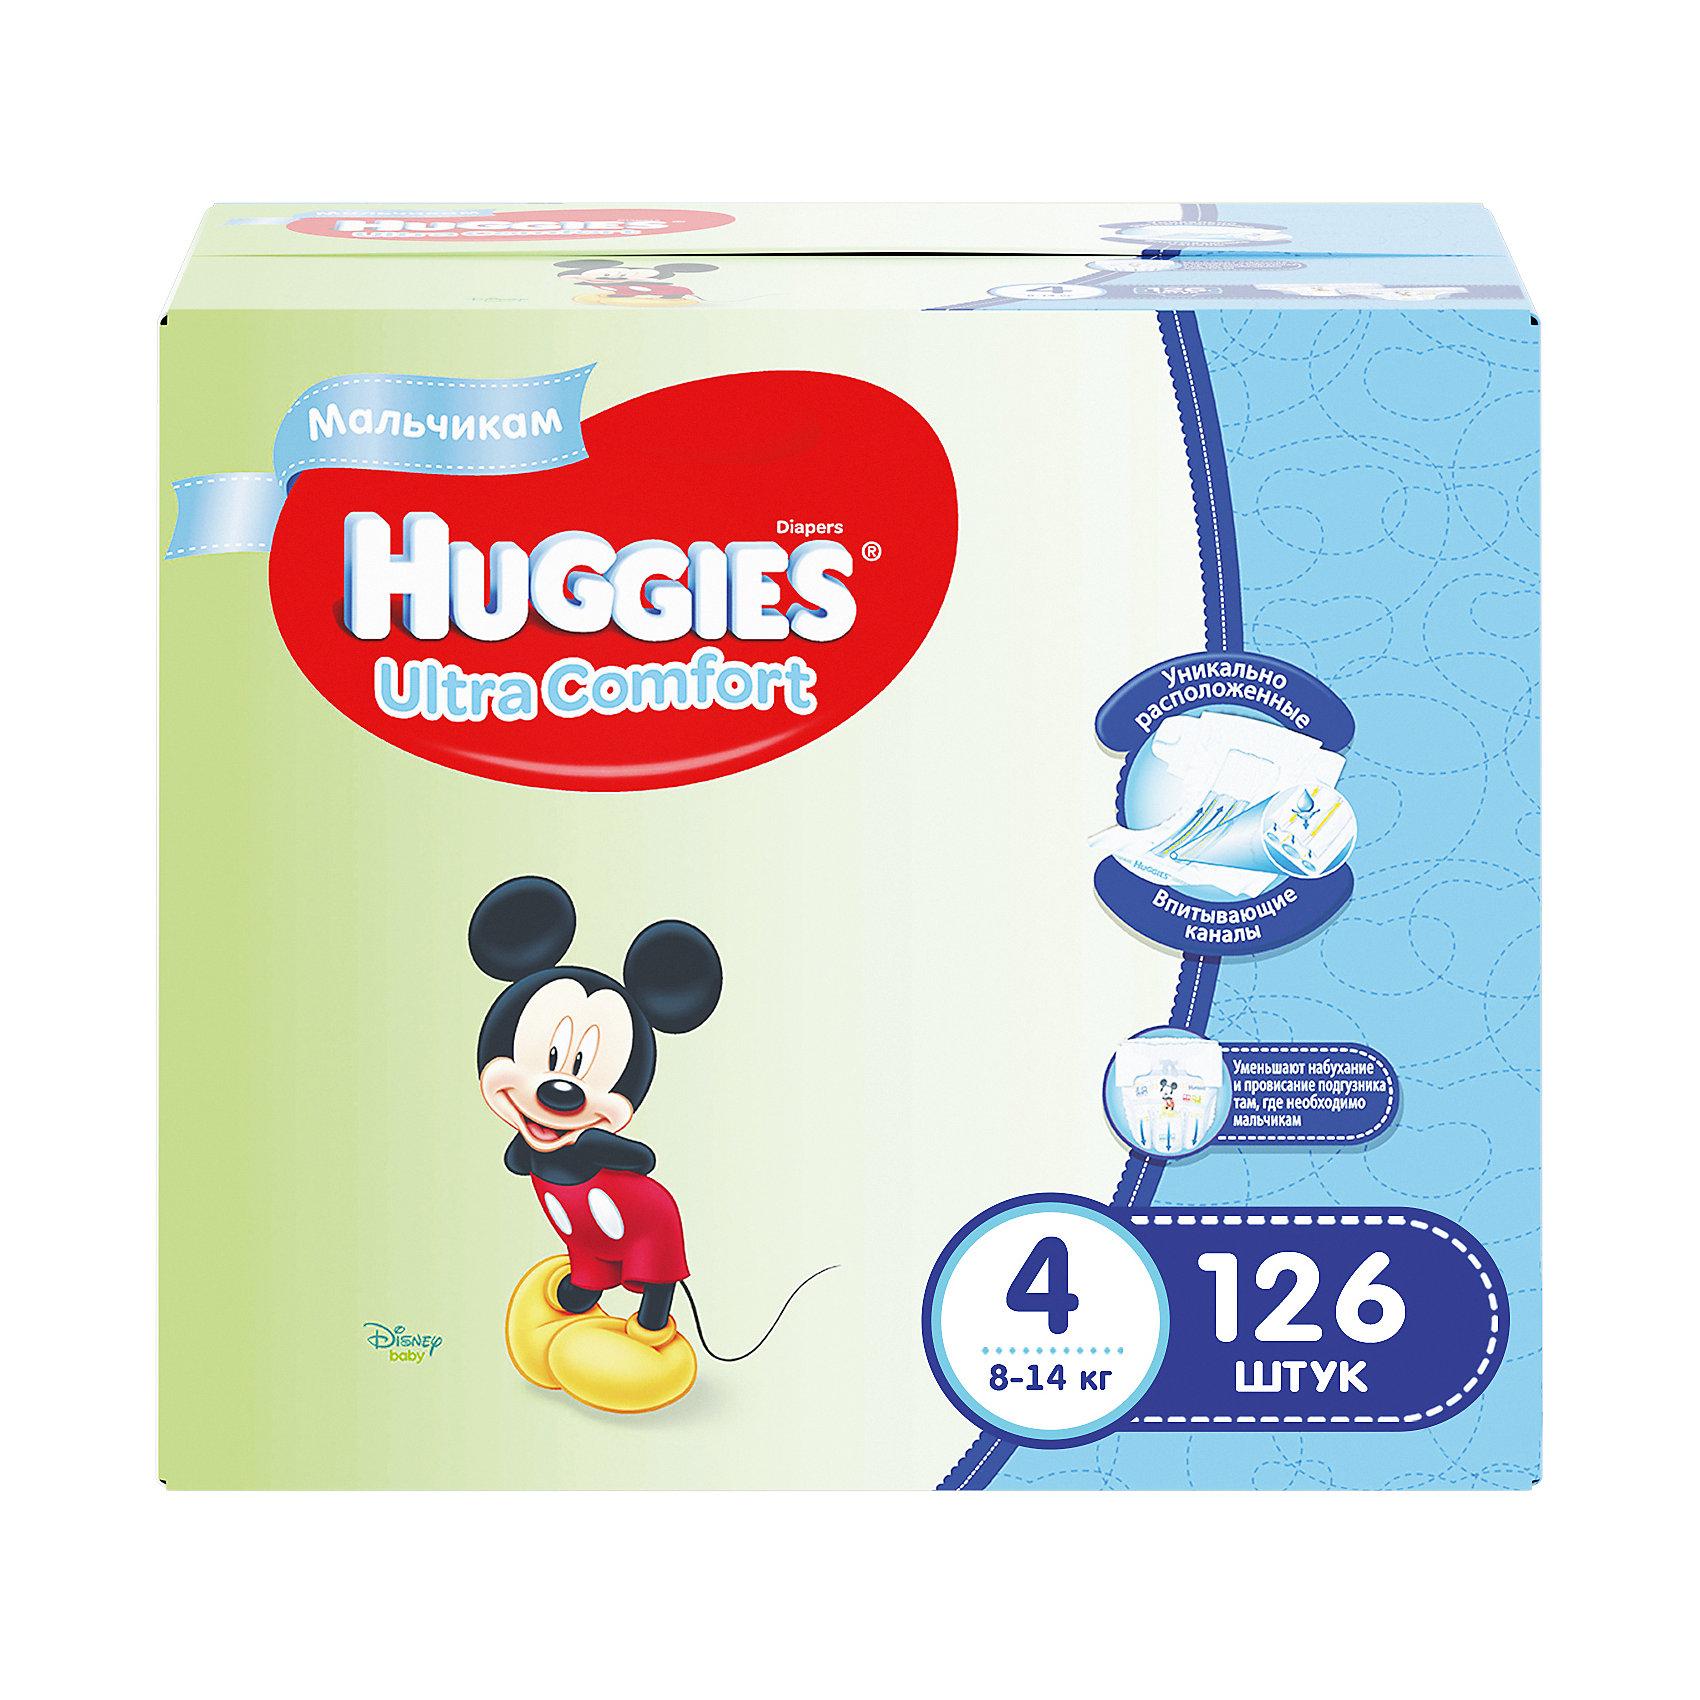 Подгузники Huggies Ultra Comfort для мальчиков Disney Box (4) 8-14 кг, 126 шт. (42х3)Подгузники классические<br>С первых дней жизни мальчики и девочки такие разные.<br><br>Новые подгузники Huggies Ultra Comfort созданы специально для мальчиков и специально для девочек. Для лучшего впитывания распределяющий слой в этих подгузниках расположен там, где это нужнее всего: по центру для девочек и выше для мальчиков. Huggies Ultra Comfort изготовлены из мягких материалов с микропорами, которые позволяют коже «дышать». Специальные тянущиеся застежки с закругленными краями надежно фиксируют подгузник, а широкий суперэластичный поясок позволяет малышам свободно двигаться.<br><br>Ключевые преимущества новых Huggies Ultra Comfort:<br><br>- Широкий суперэластичный поясок помогает надежно фиксировать подгузник по спинке малыша и защищать кожу от натирания<br>- Анатомическая форма. Изогнутые резиночки повторяют анатомическую форму подгузника, помогая защитить от натирания между ножками <br>- Ультра мягкий внутренний слой по всей длине подгузника оберегает кожу малыша.<br>- Специально разработанный слой Dry Touch впитывает за секунды и помогает запереть влагу внутри.<br>- Яркие эксклюзивные подгузники c дизайном от Disney подчеркивают индивидуальность маленьких модников и модниц.<br><br>Huggies Ultra Comfort для мальчиков и для девочек — потому что они такие разные.<br><br>Дополнительная информация:<br><br>Для мальчиков.<br>Размер: 4, для малышей от 8 до 14 кг.<br>В упаковке: 126 шт.<br><br>Подгузники Huggies Ultra Comfort для мальчиков Disney Box (4) 8-14 кг, 126 шт. (42х3) можно купить в нашем интернет-магазине.<br><br>Ширина мм: 402<br>Глубина мм: 242<br>Высота мм: 340<br>Вес г: 4788<br>Возраст от месяцев: 6<br>Возраст до месяцев: 24<br>Пол: Мужской<br>Возраст: Детский<br>SKU: 3389827